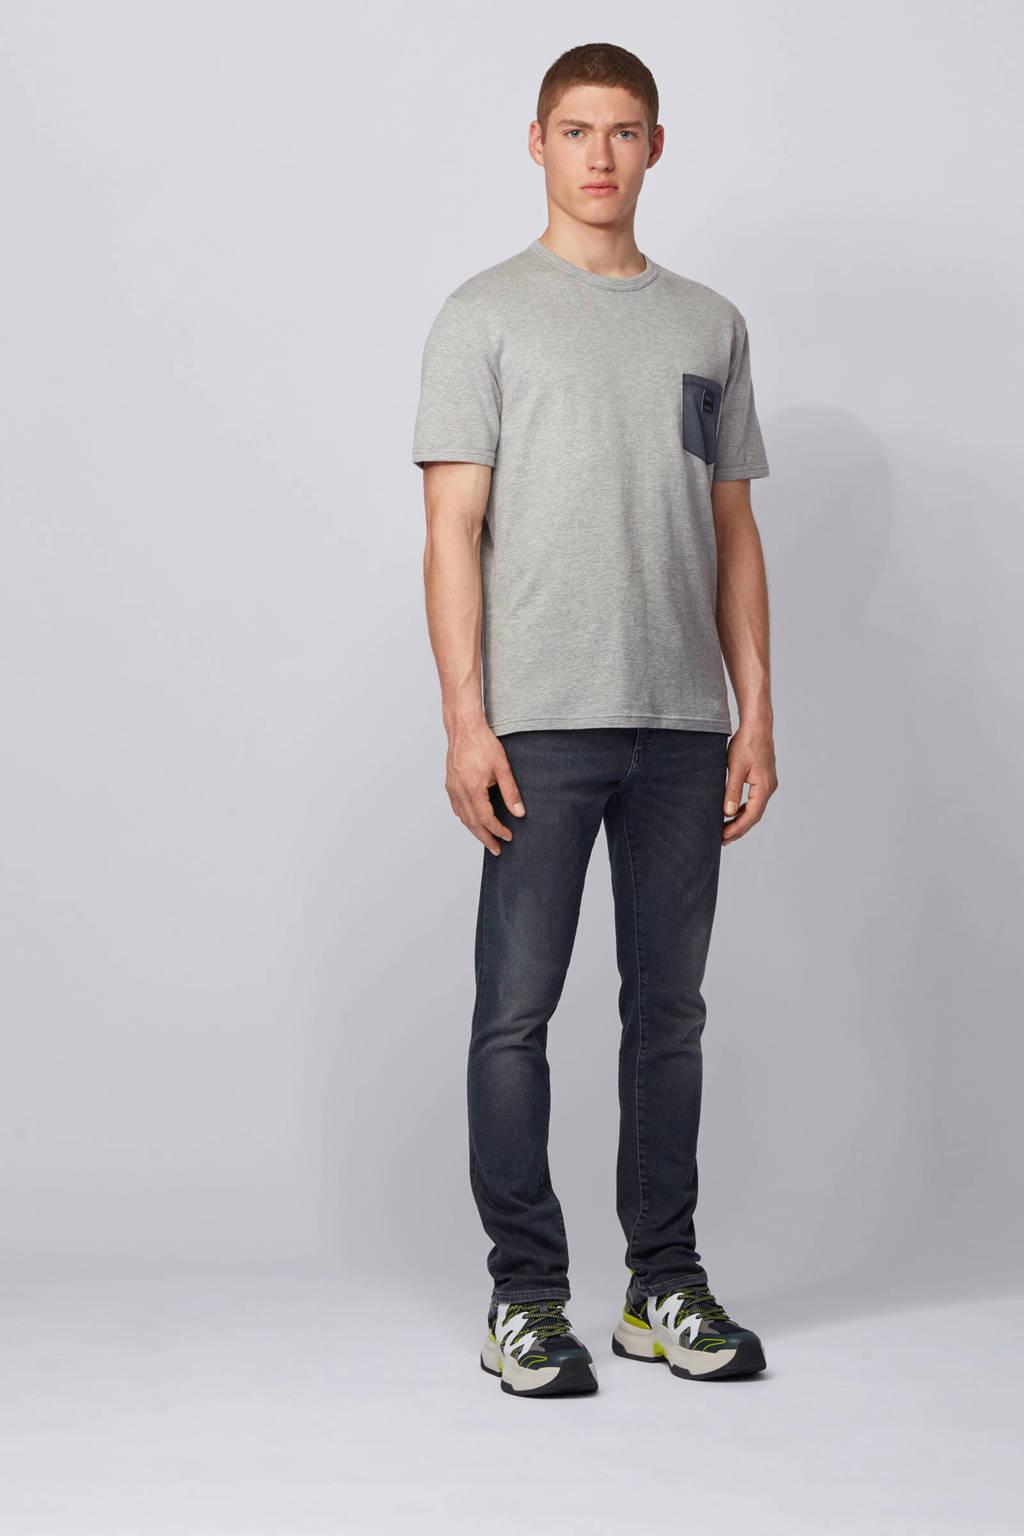 BOSS Casual gemêleerd T-shirt grijs, Grijs